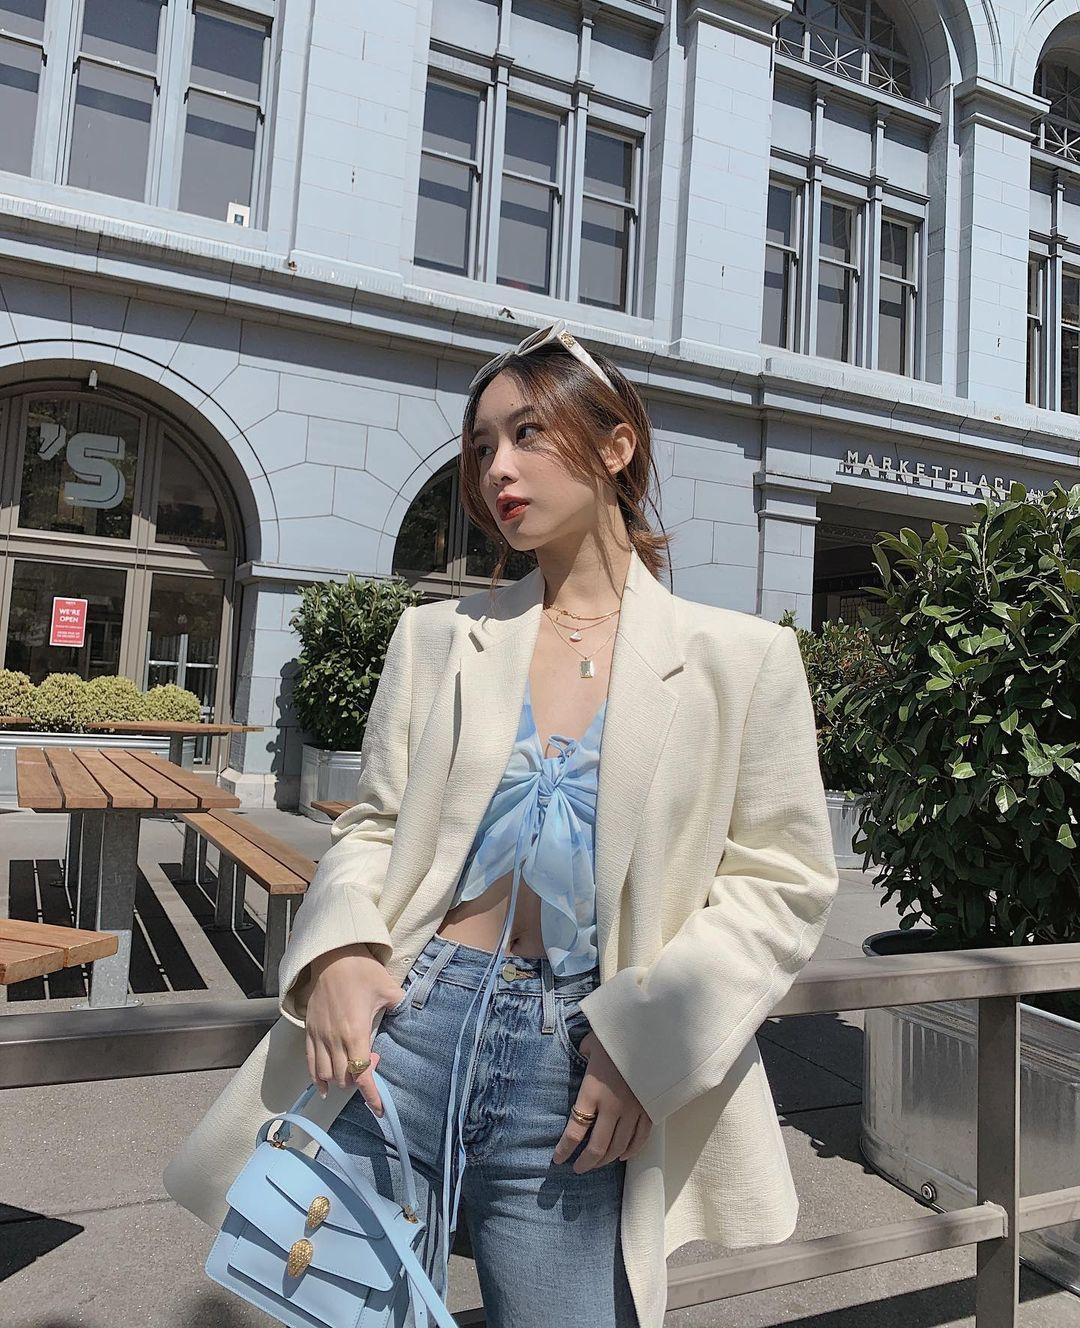 cô gái mặc trang phục công sở áo thắt nơ xanh